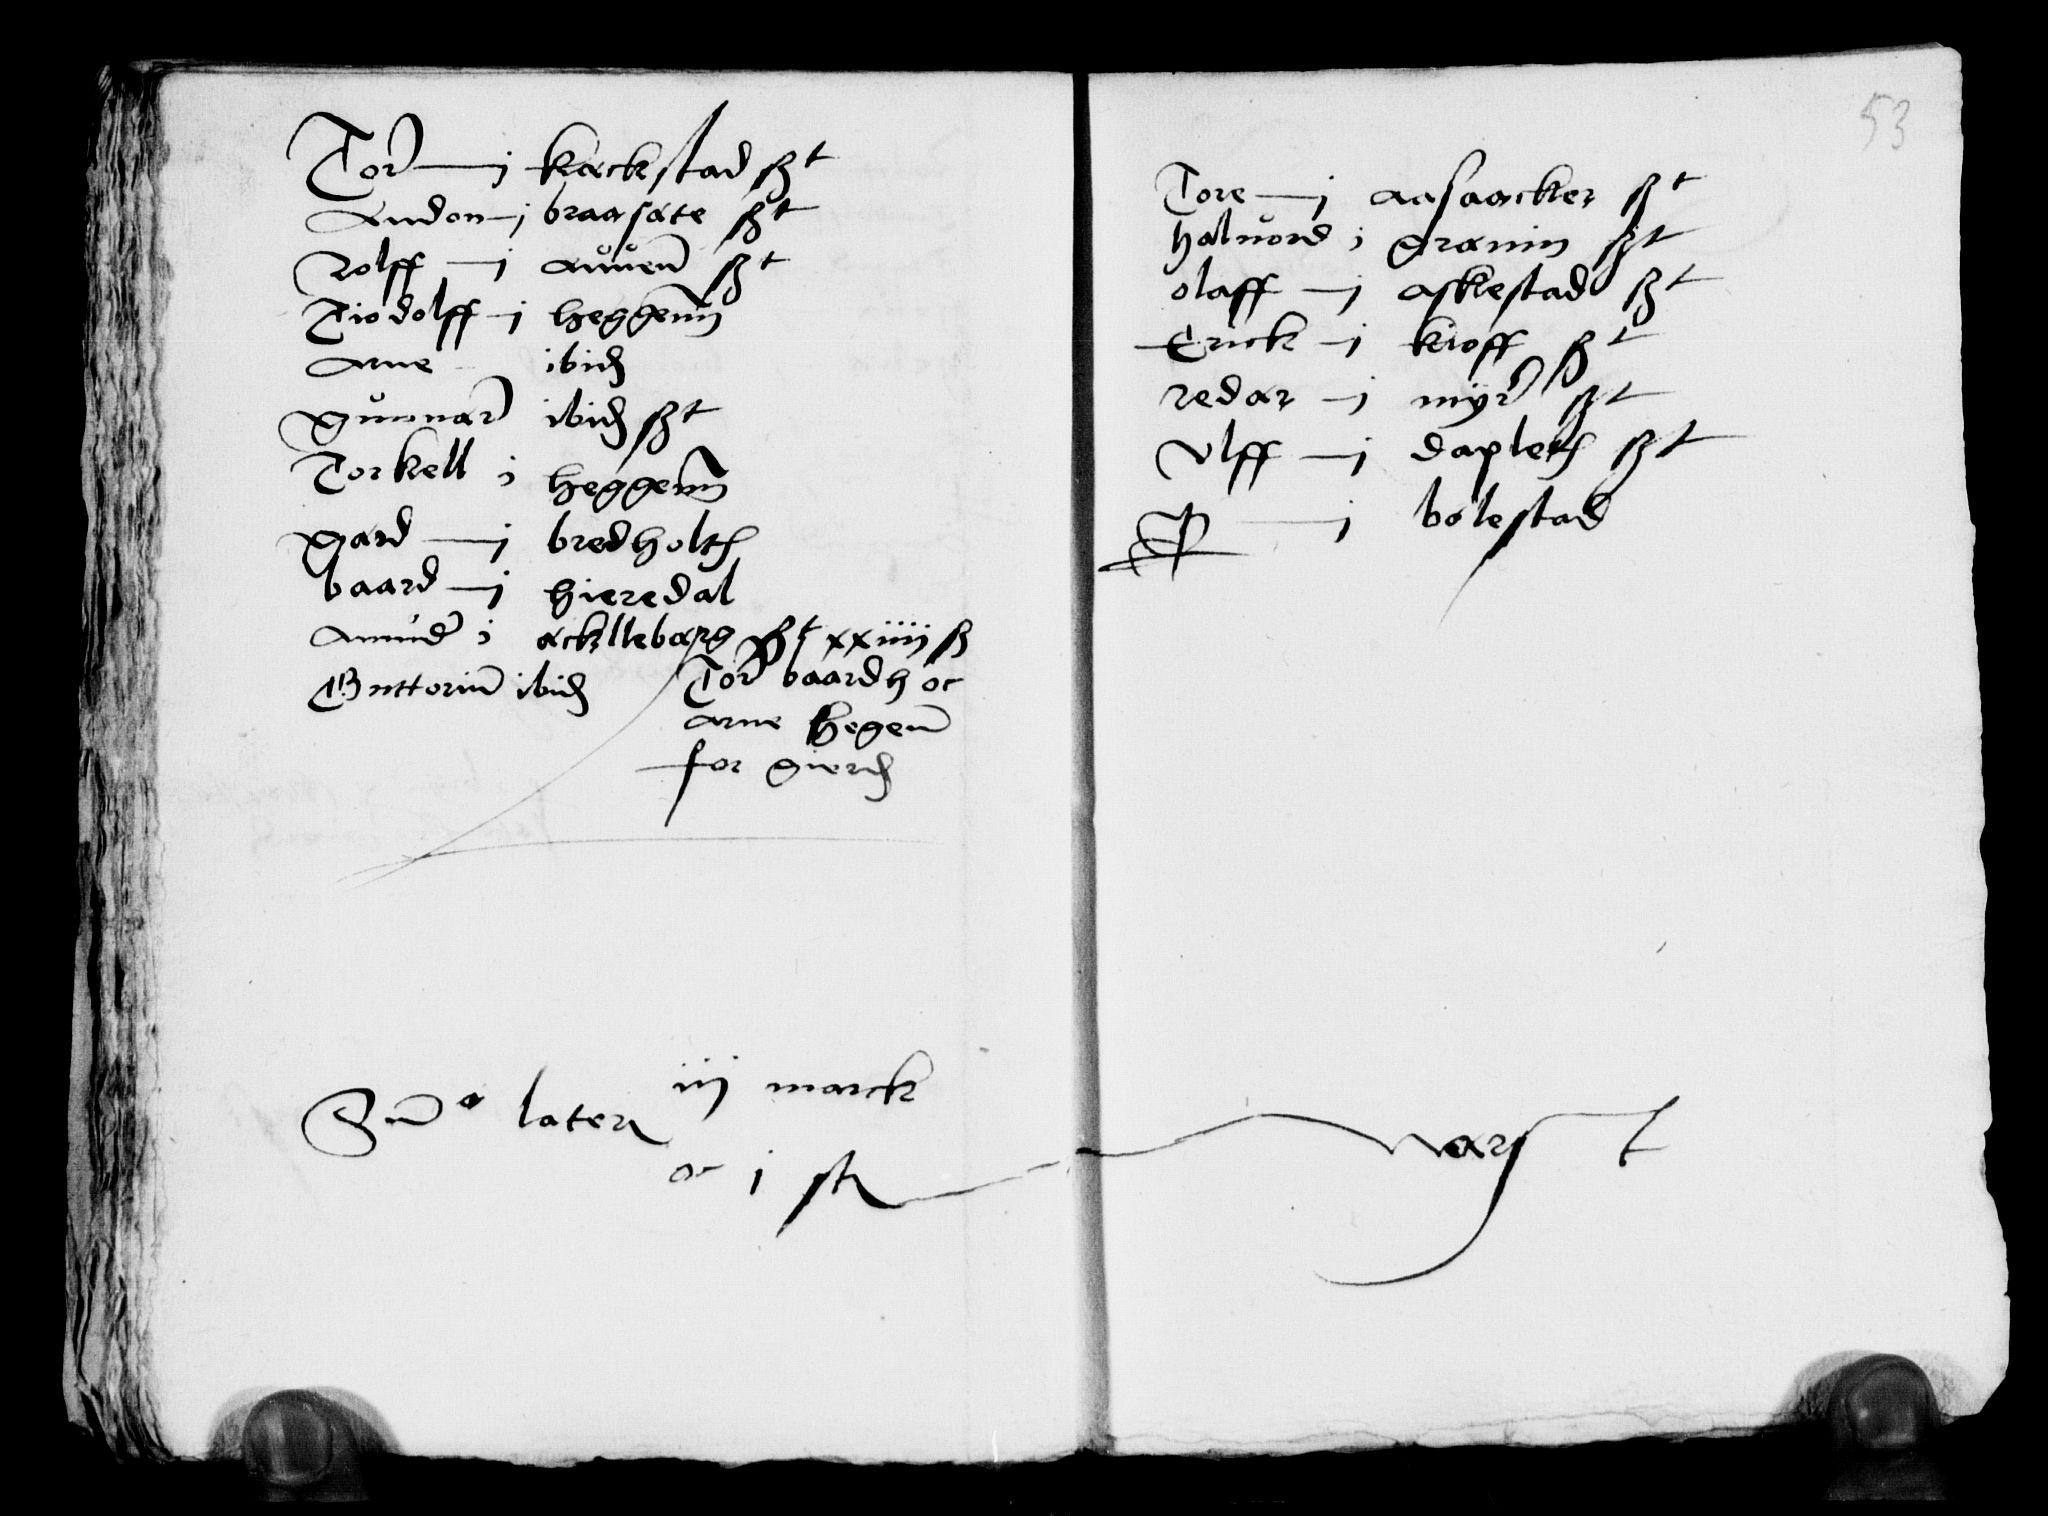 RA, Rentekammeret inntil 1814, Reviderte regnskaper, Lensregnskaper, R/Ra/L0001: Østnorske len, 1499-1528